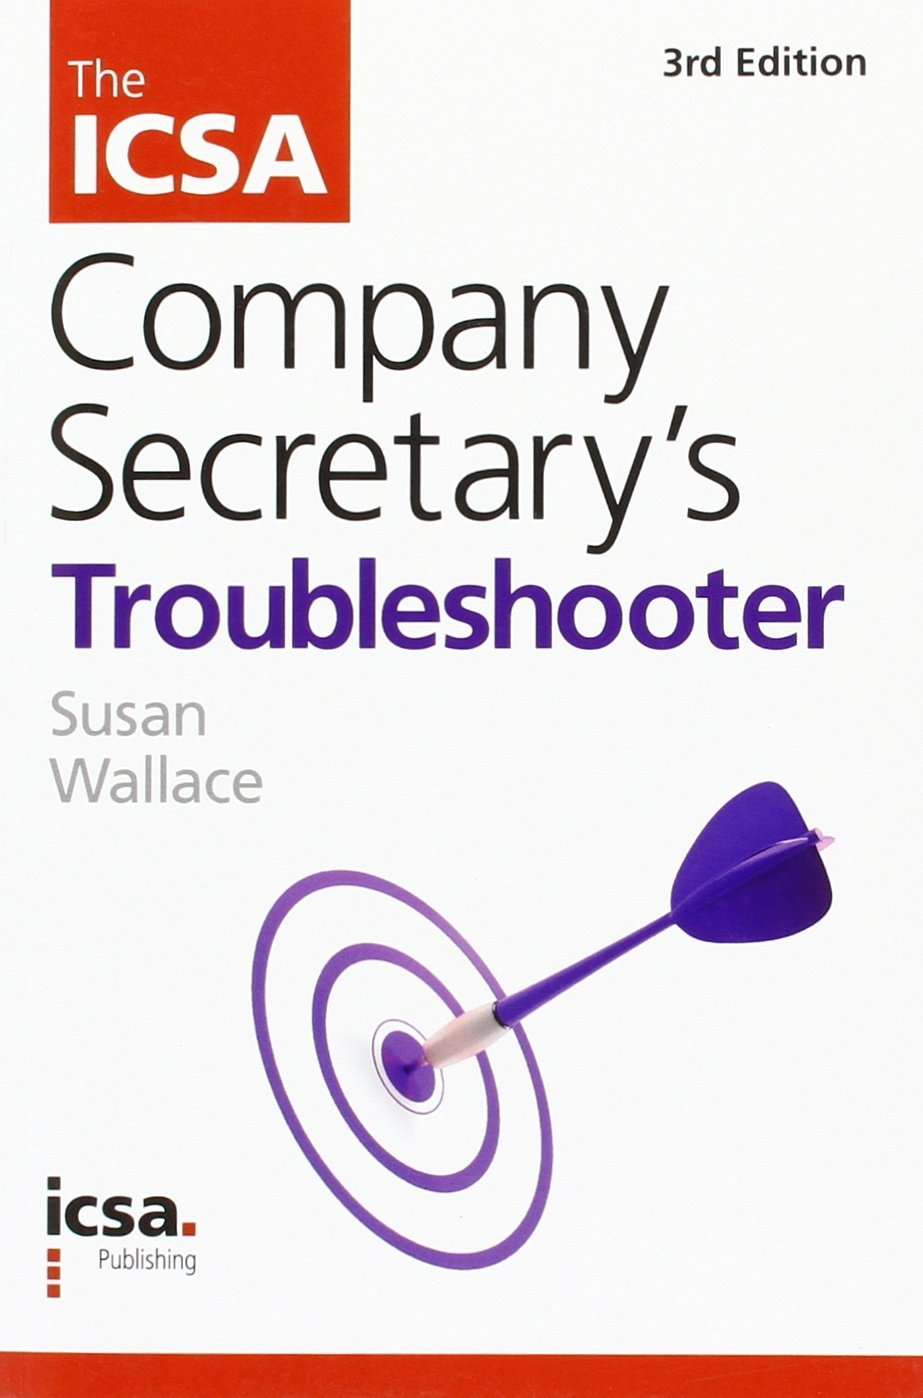 The ICSA Company Secretary's Troubleshooter